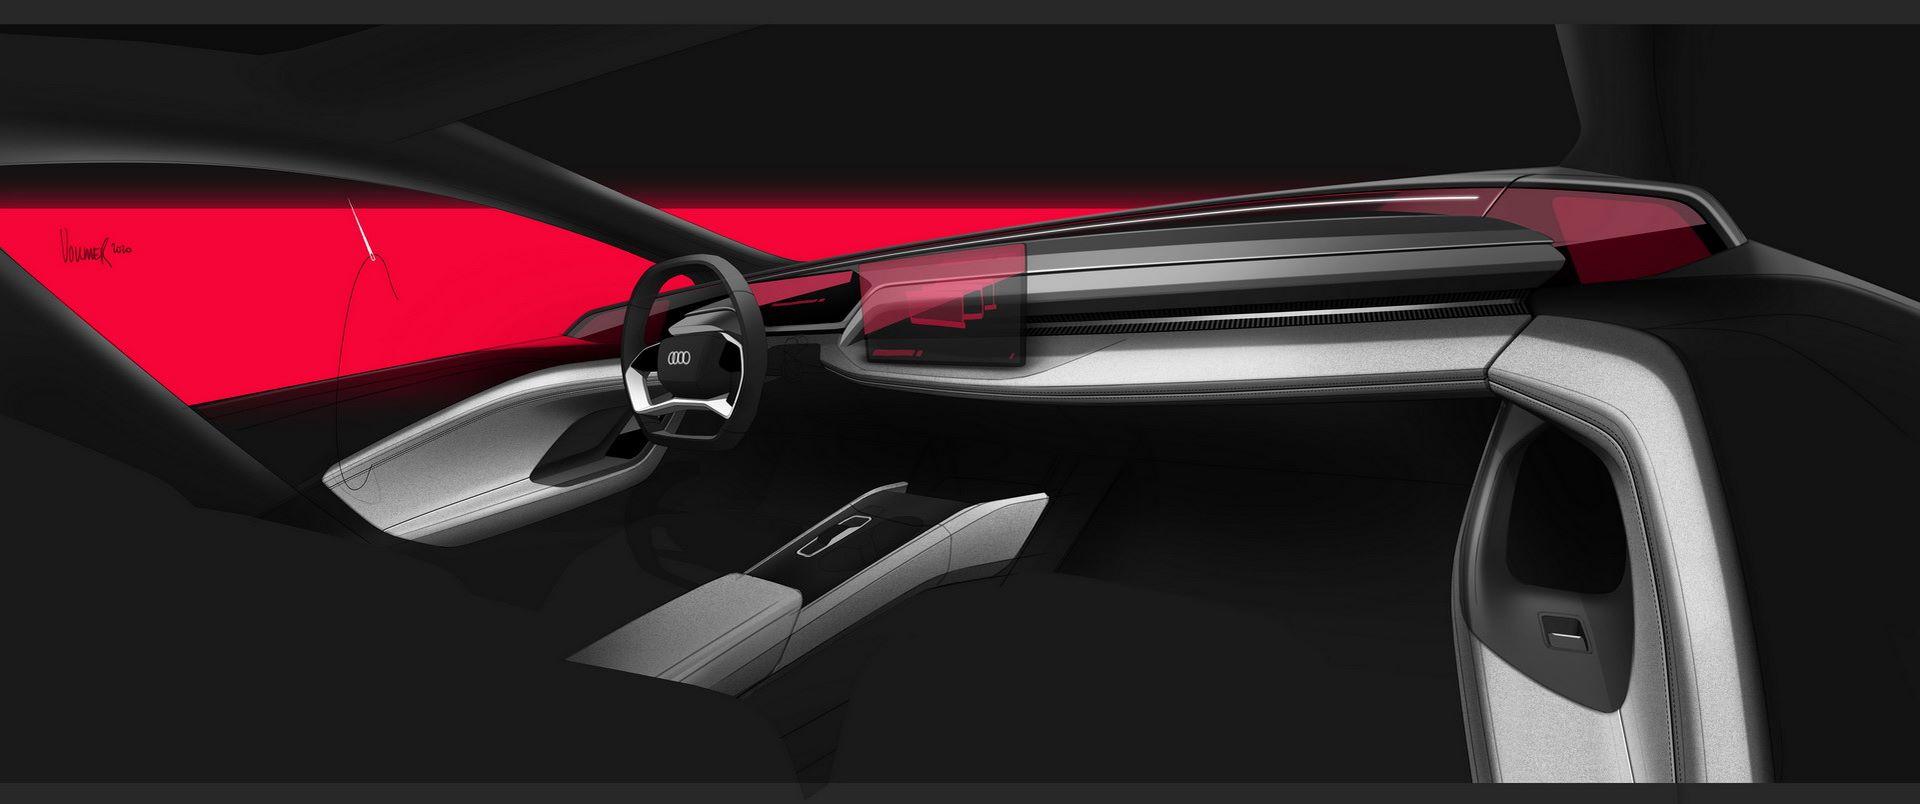 Audi-A6-e-tron-concept-47